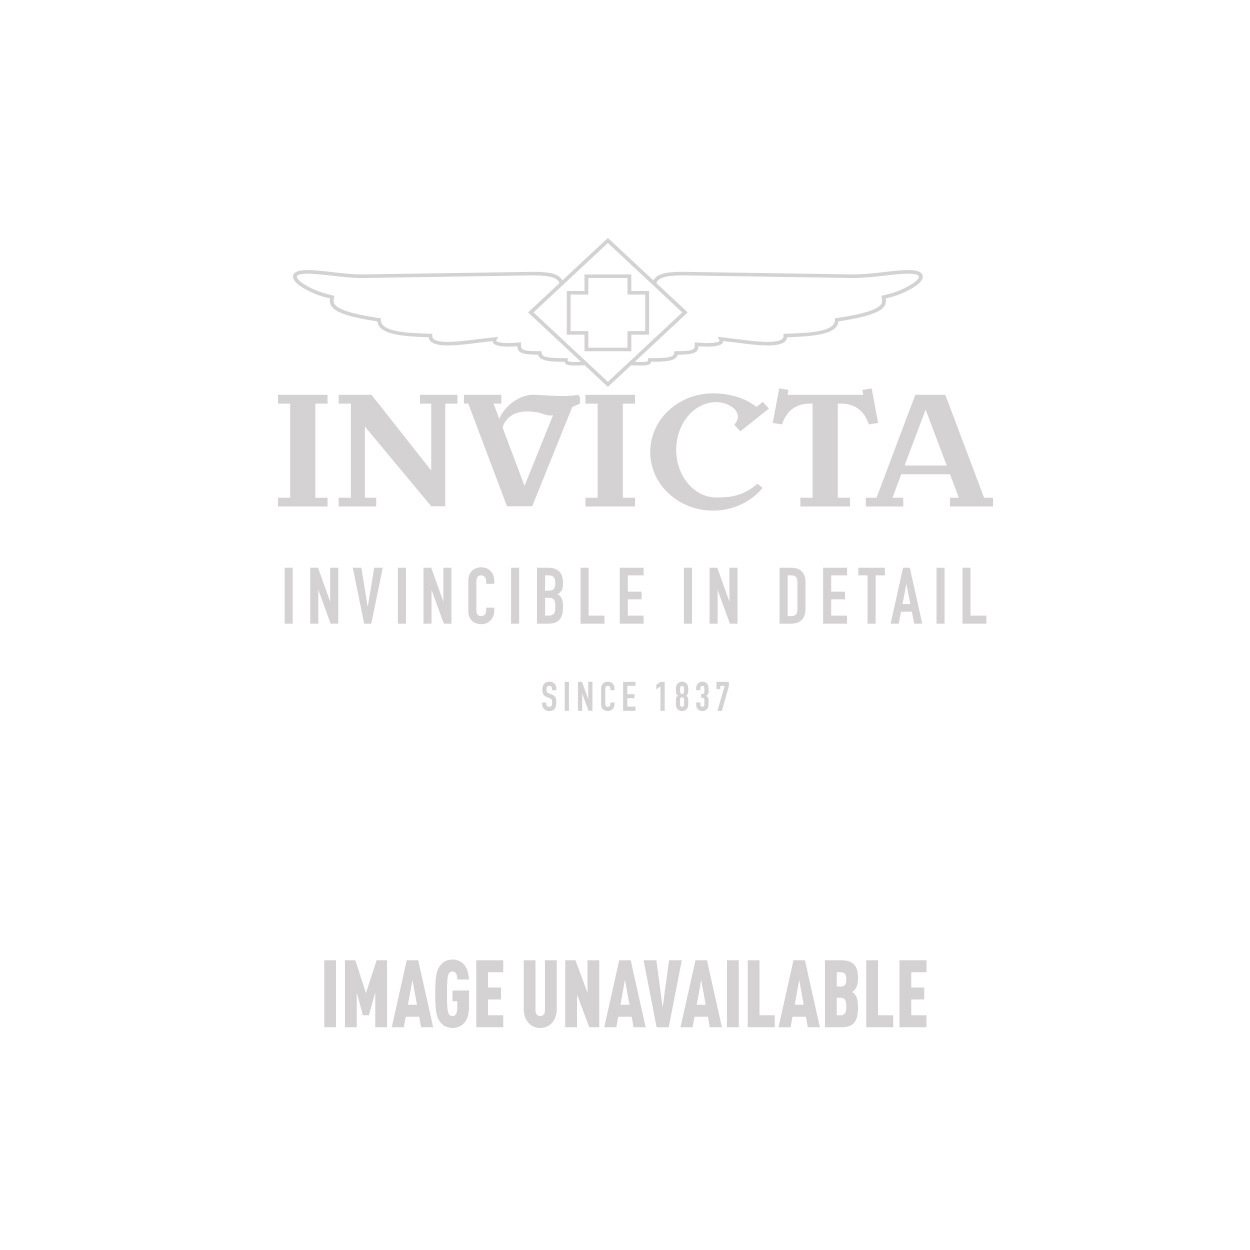 Invicta Model 28546